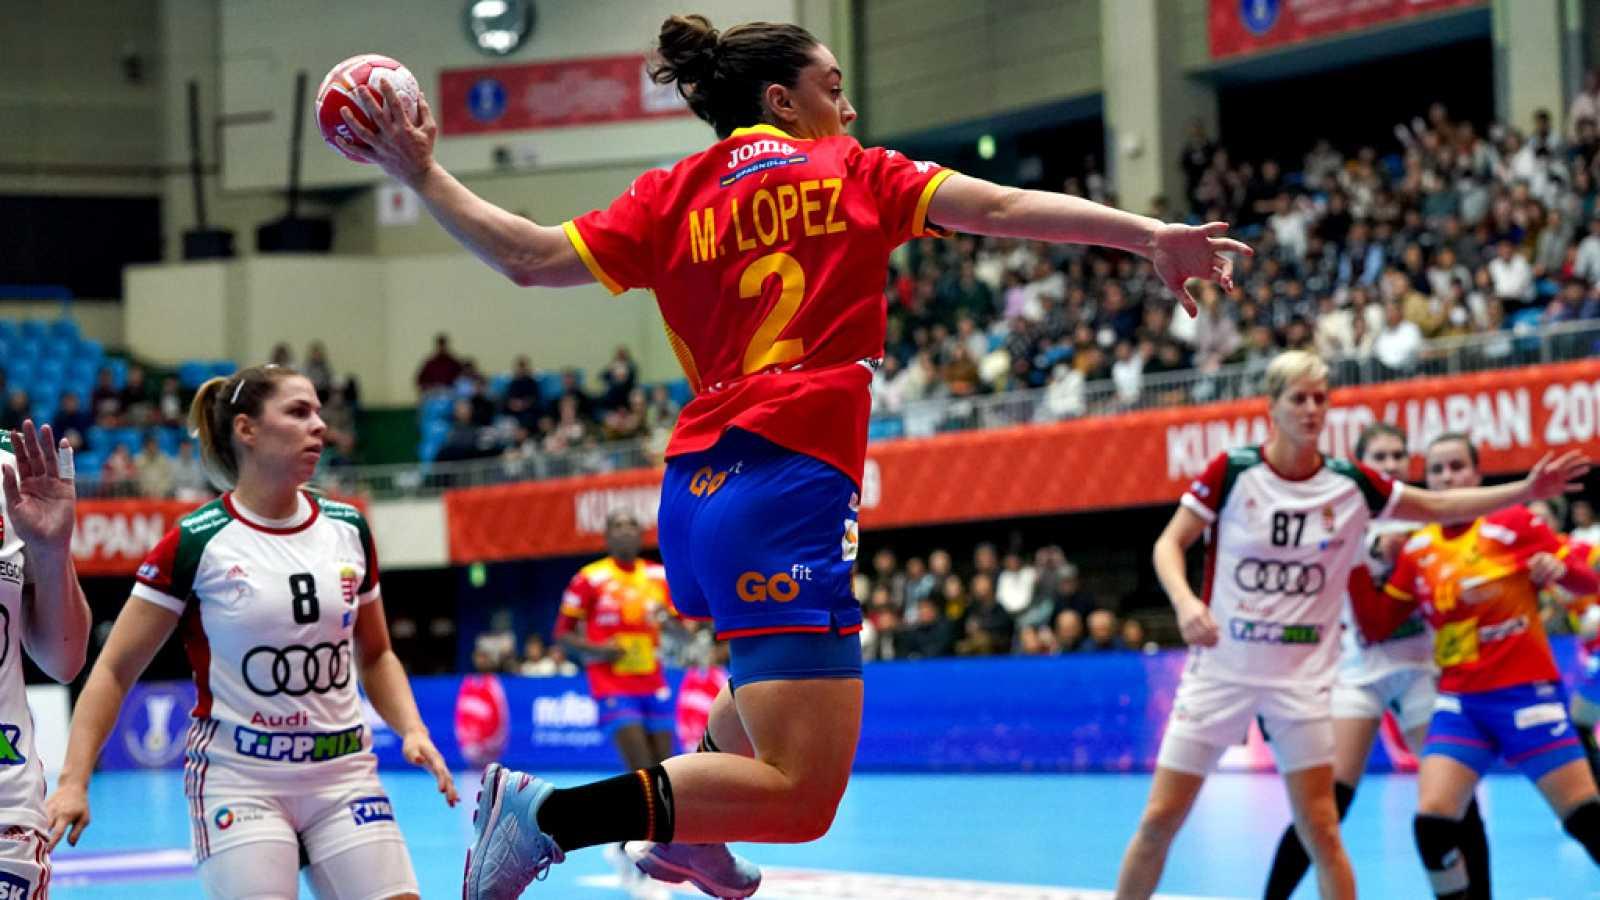 La selección española femenina de balonmano dio un paso de gigante hacia la segunda fase del Mundial de Japón, tras imponerse este domingo por 29-25 a Hungría, en un encuentro en el que el conjunto español, además de buen juego, mostró su fortaleza m